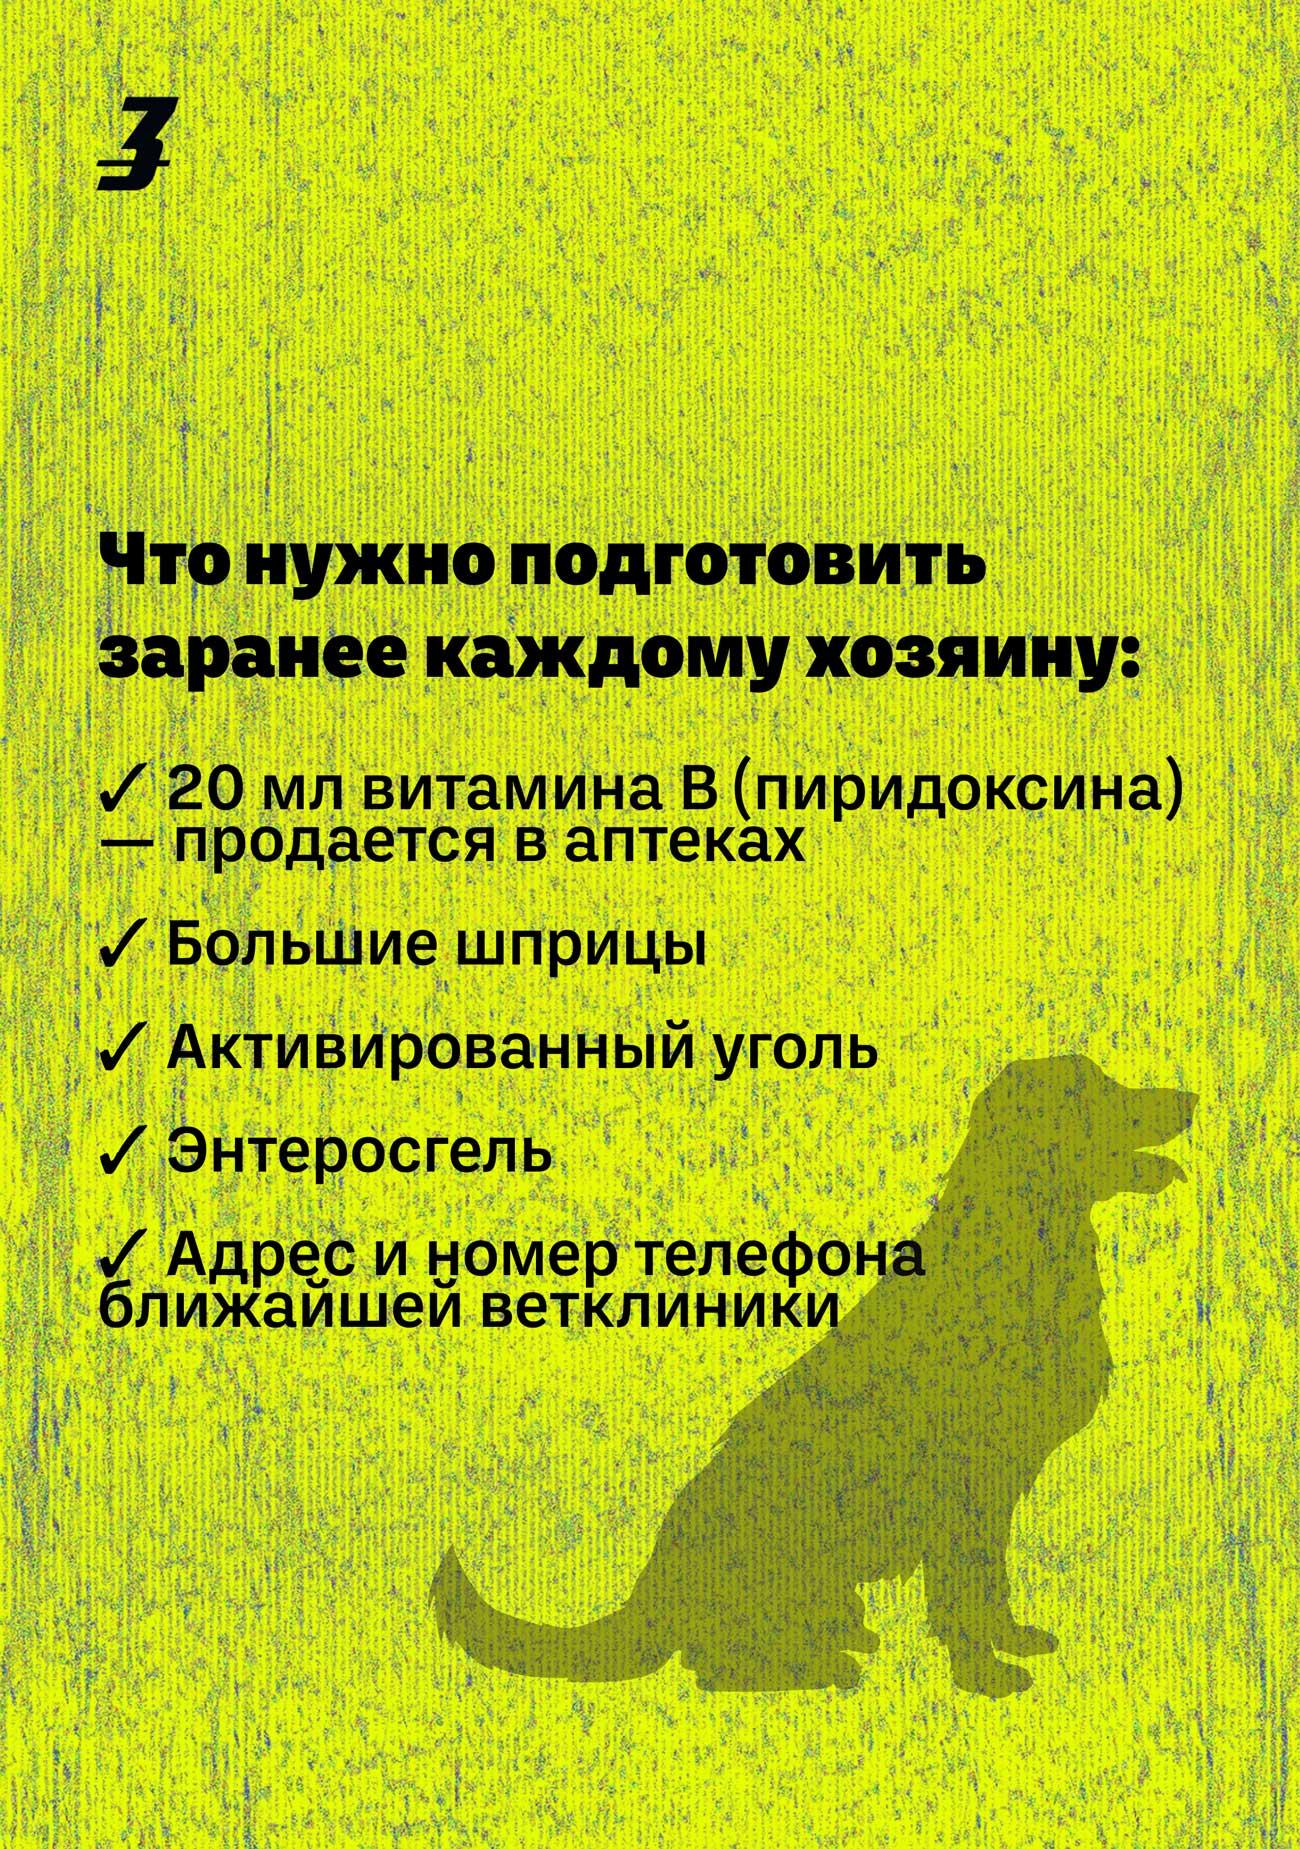 dog hunter ru 04 - <b>Кажется, мою собаку отравили.</b> Что делать? - Заборона